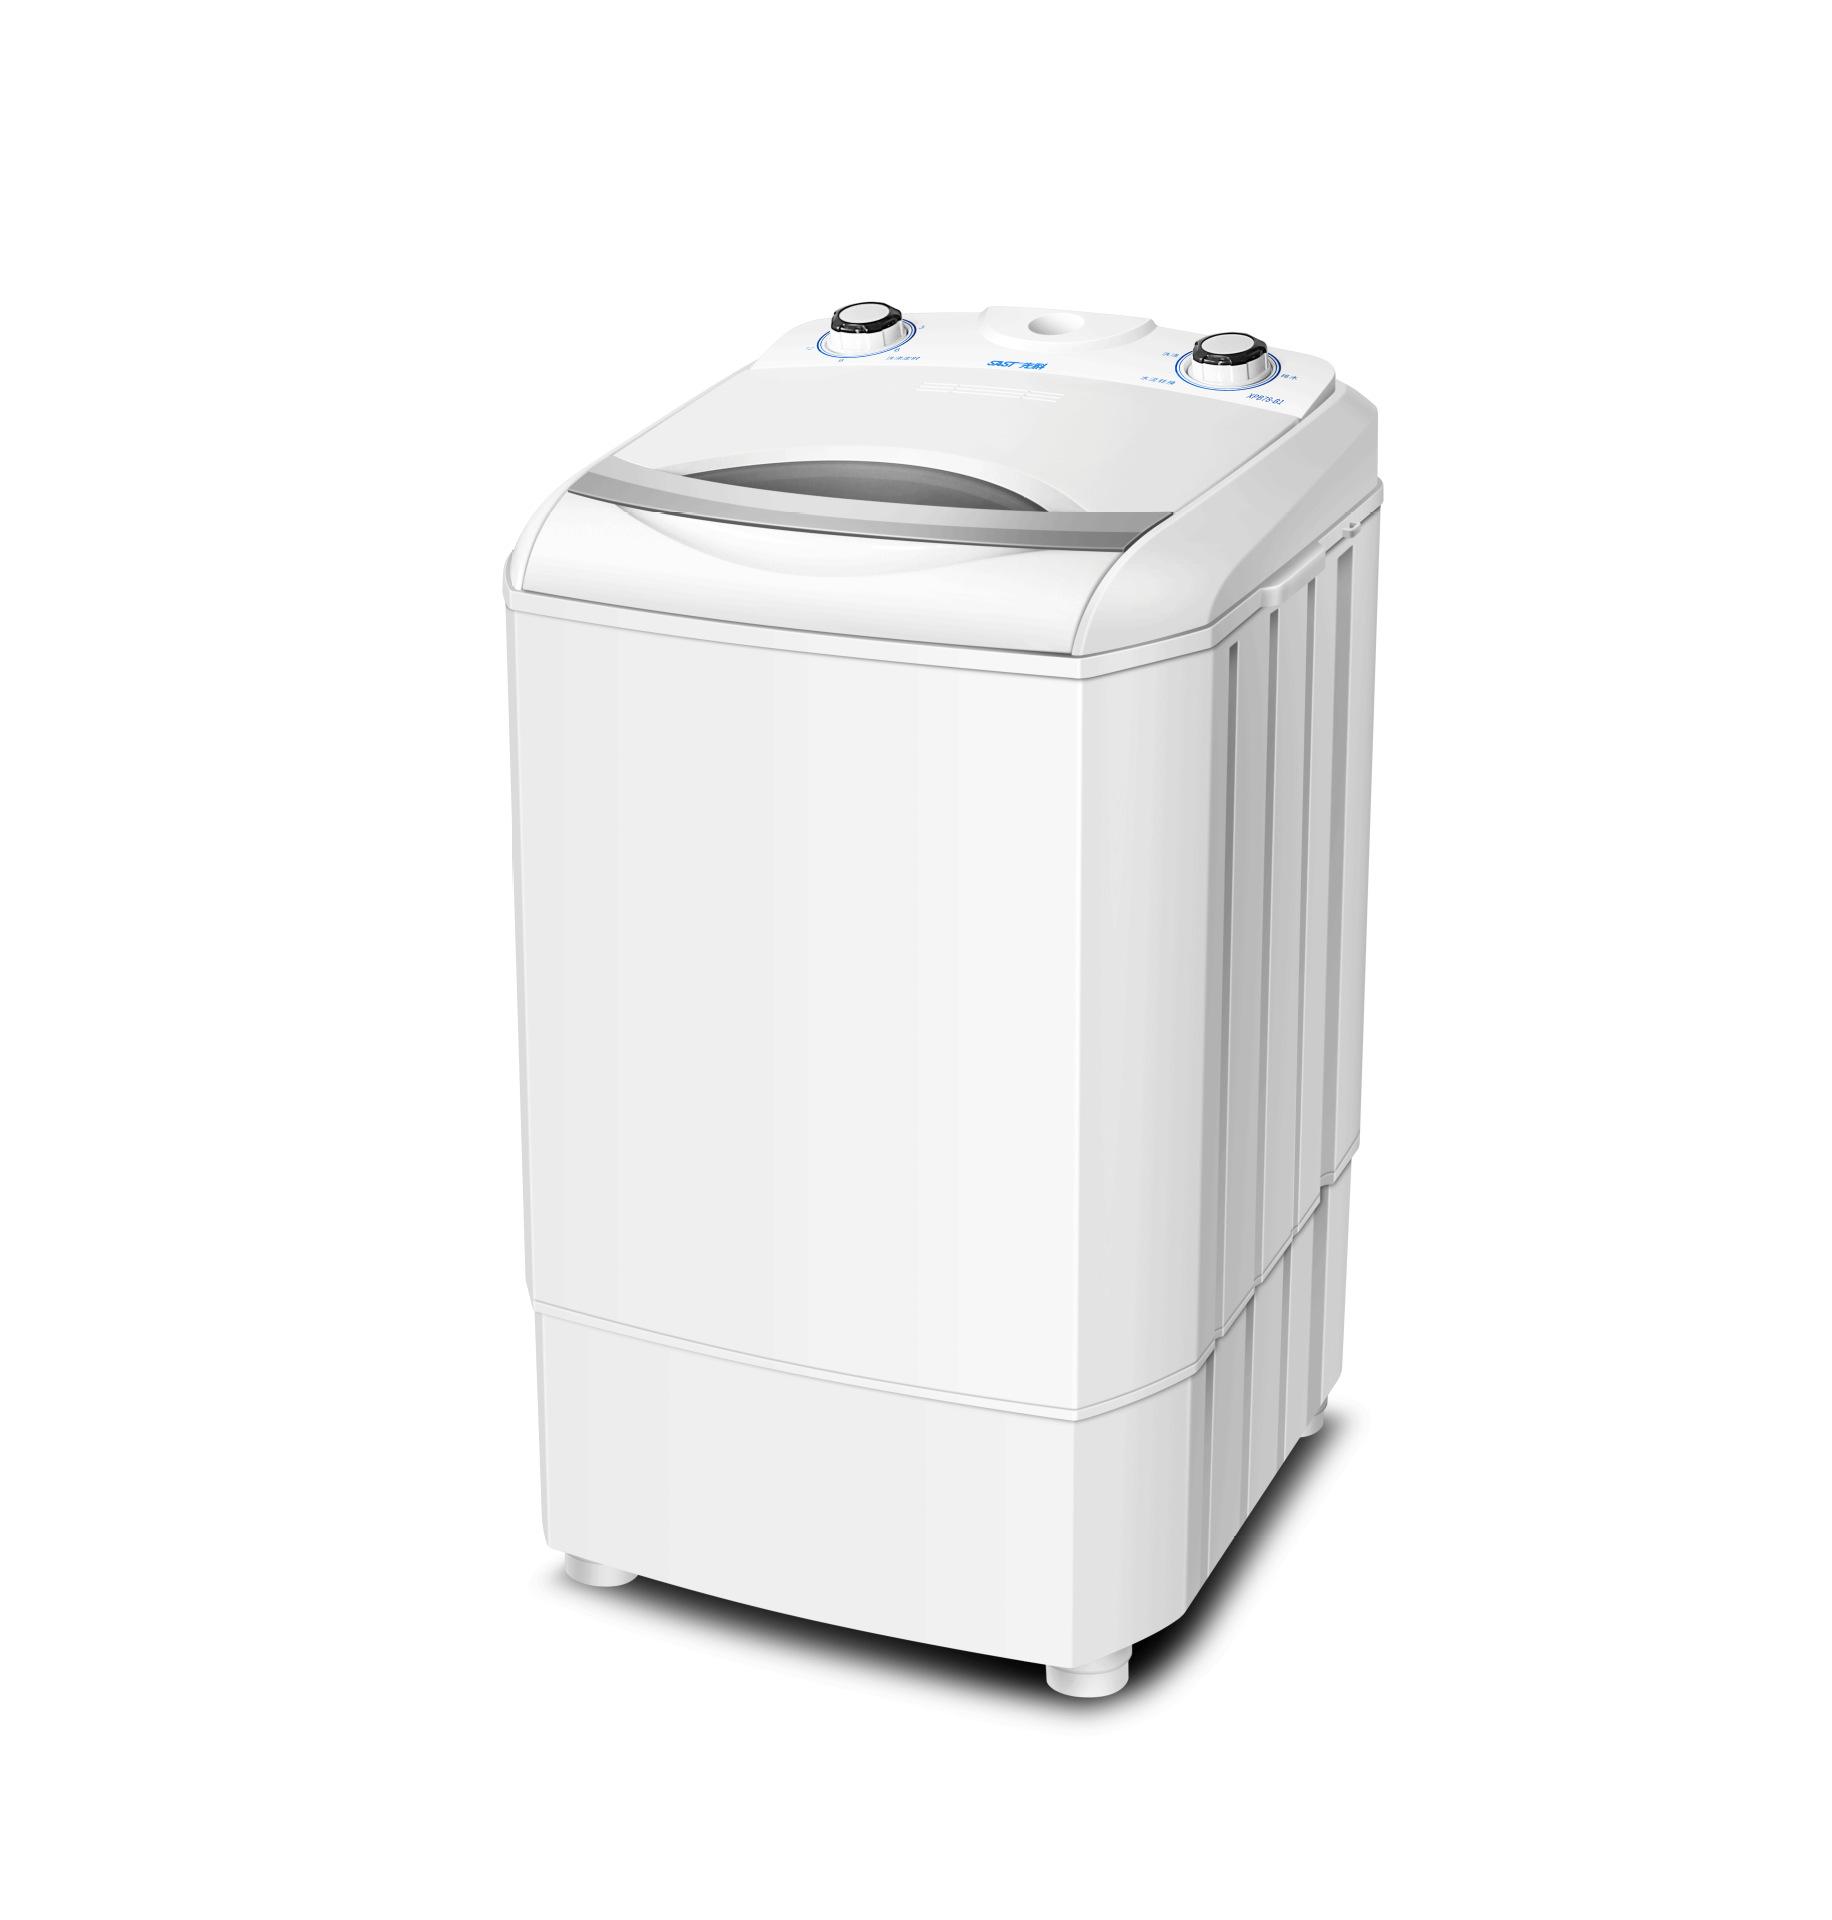 SAST Máy giặt bán tự động Yushchenko XPB78-B1 công suất lớn ký túc xá giặt quần áo trẻ em bé không d